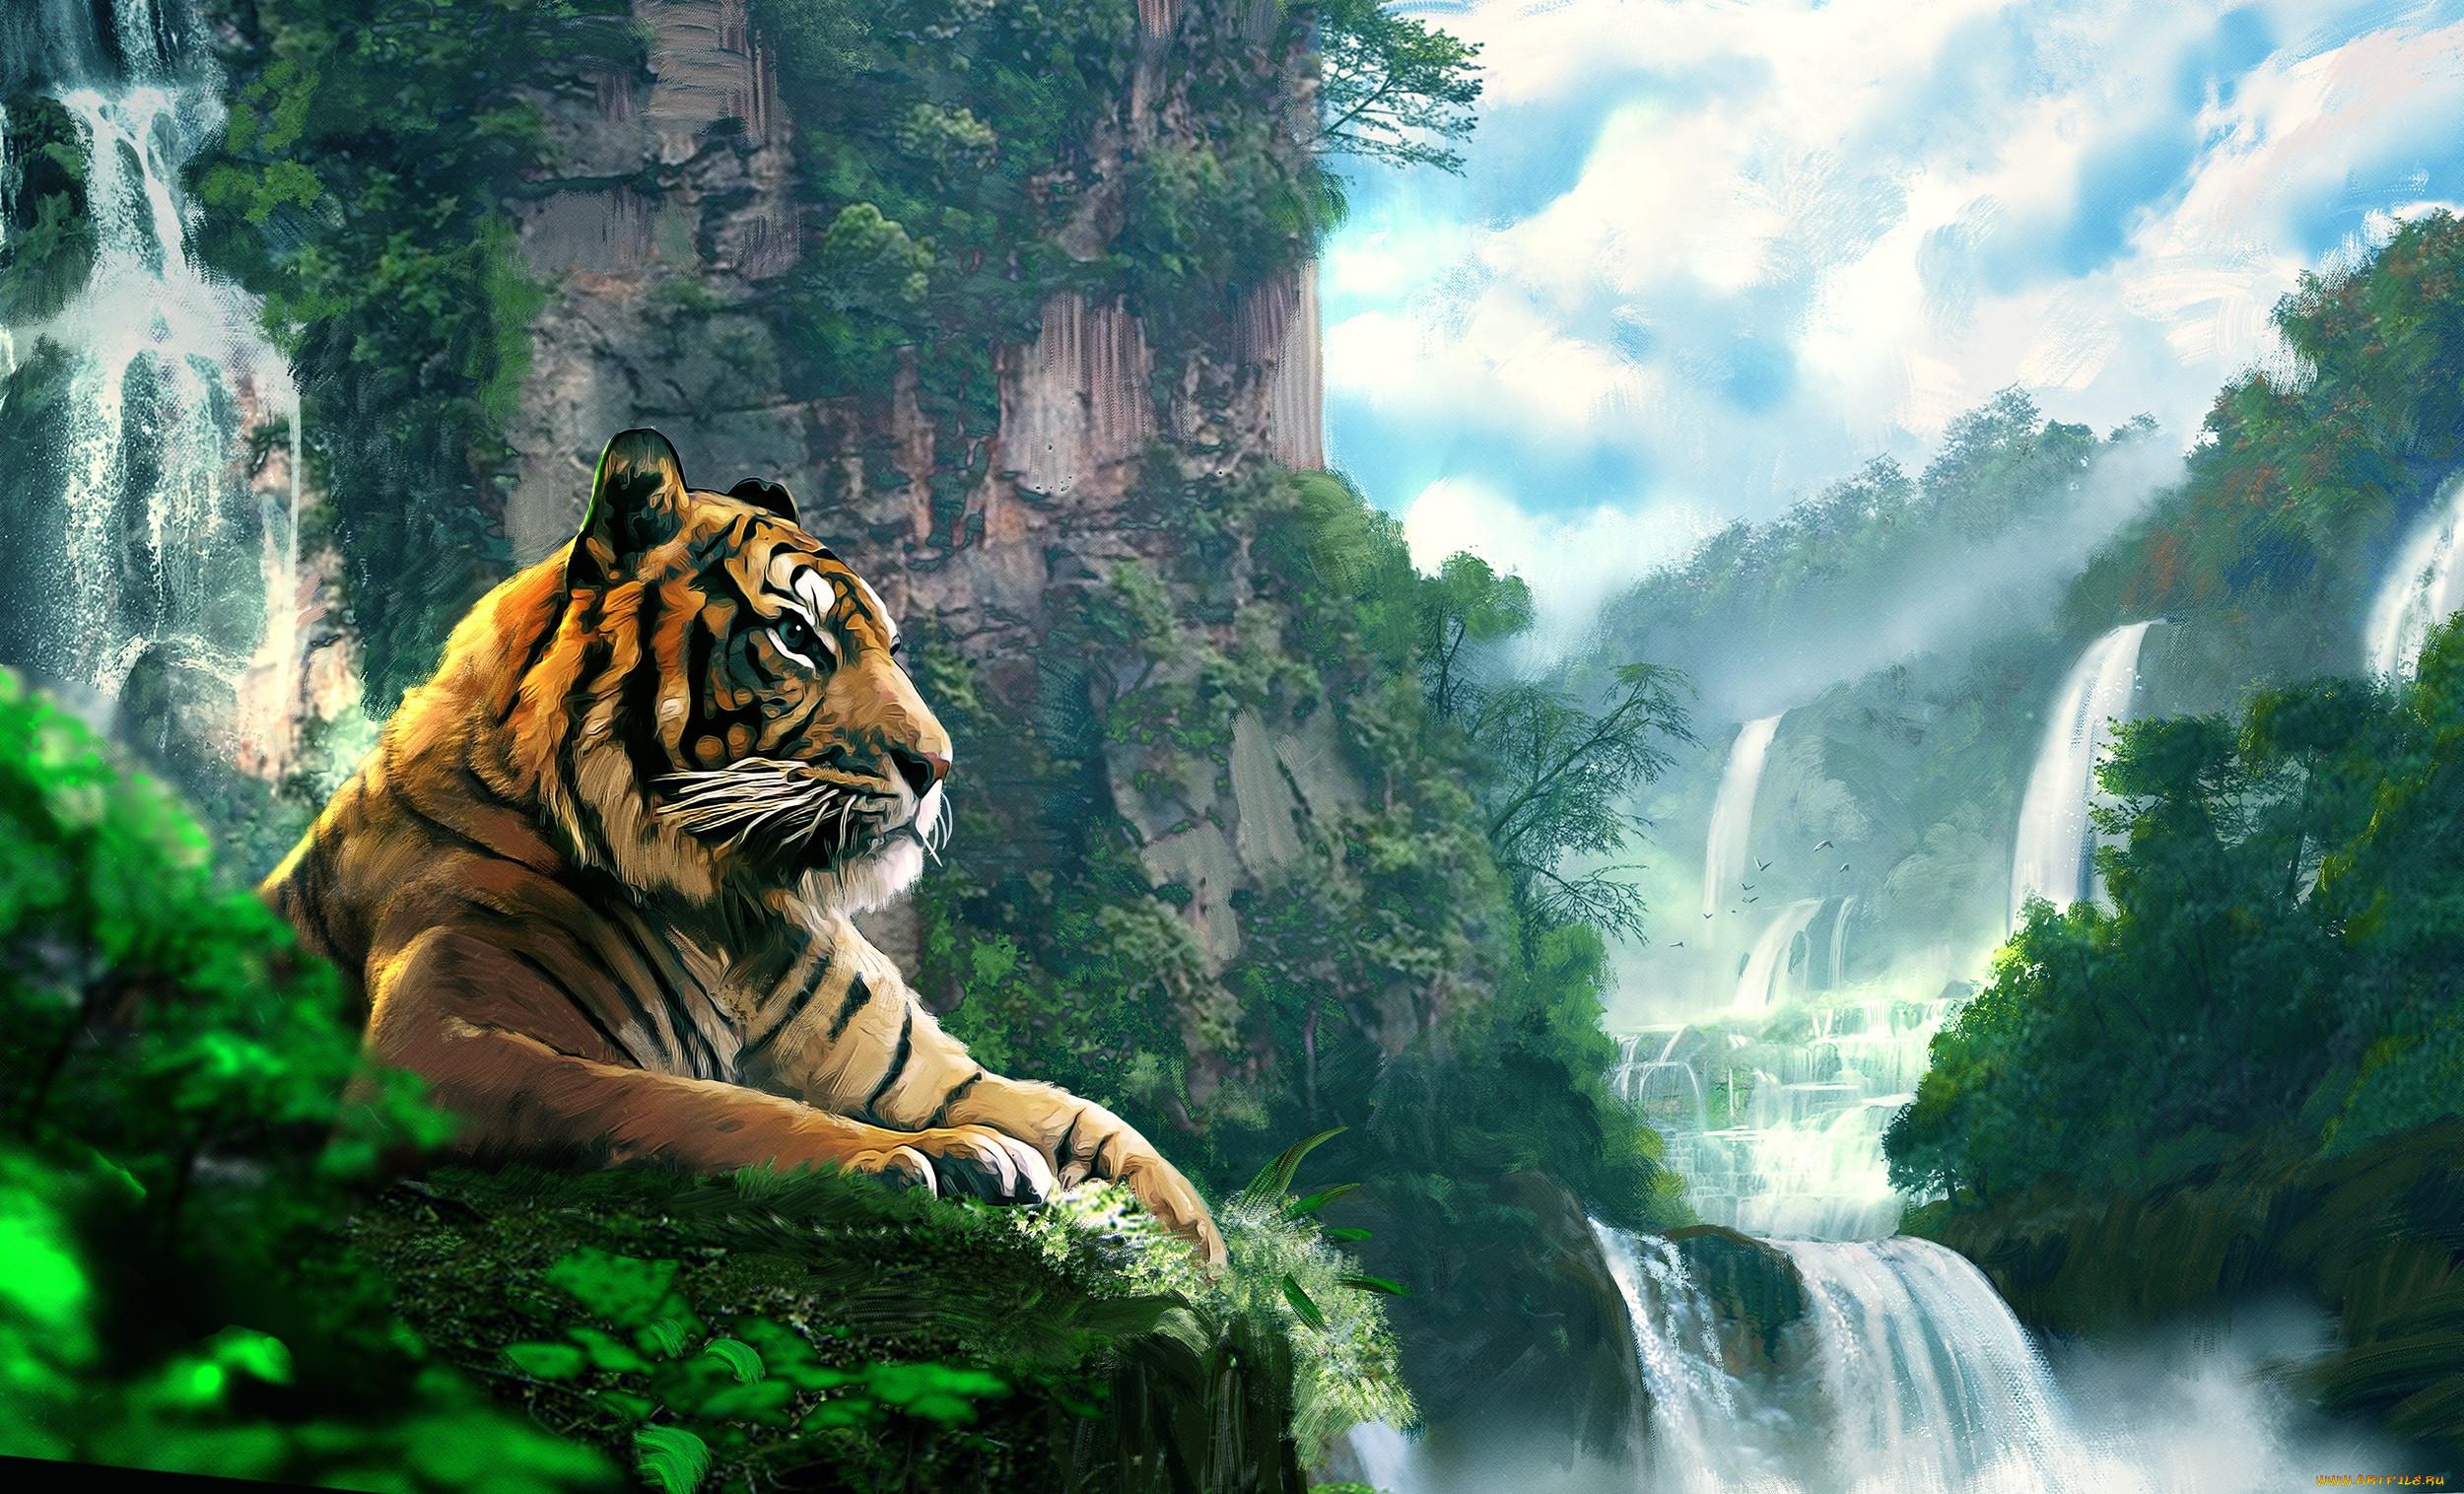 развода игровые картинки красивые о природе некоторые них можно